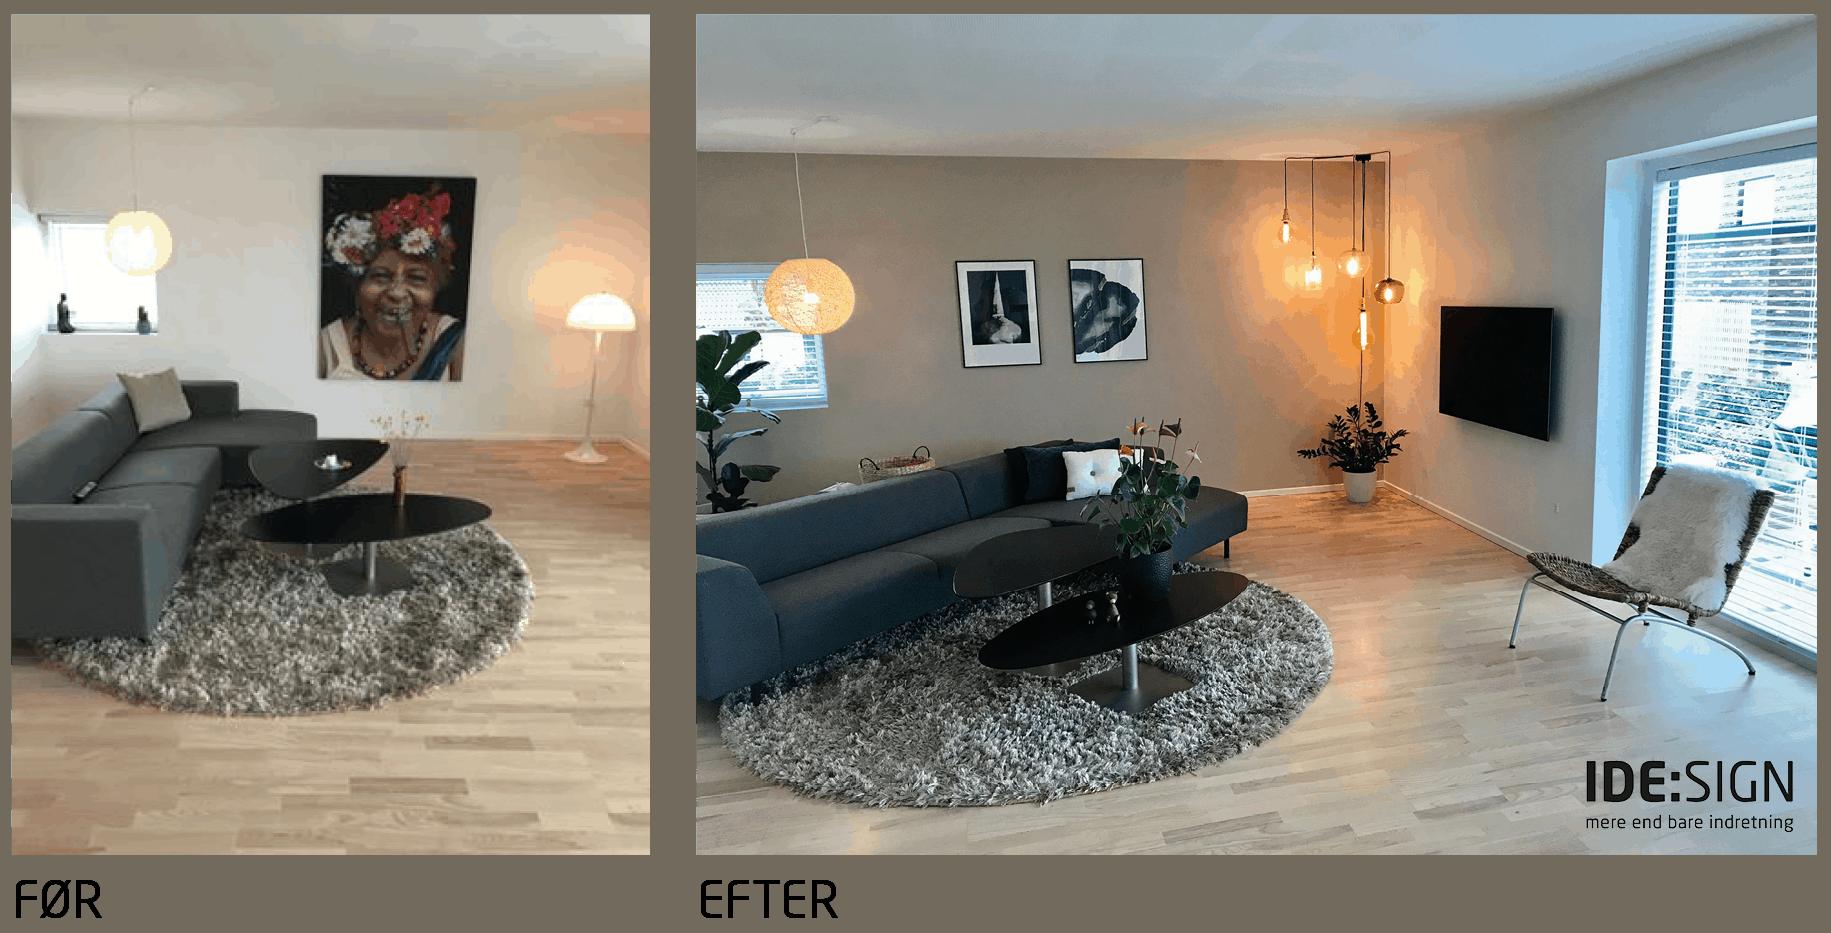 En stue der bliver total forandret - men det er de samme ting der bliver brugt